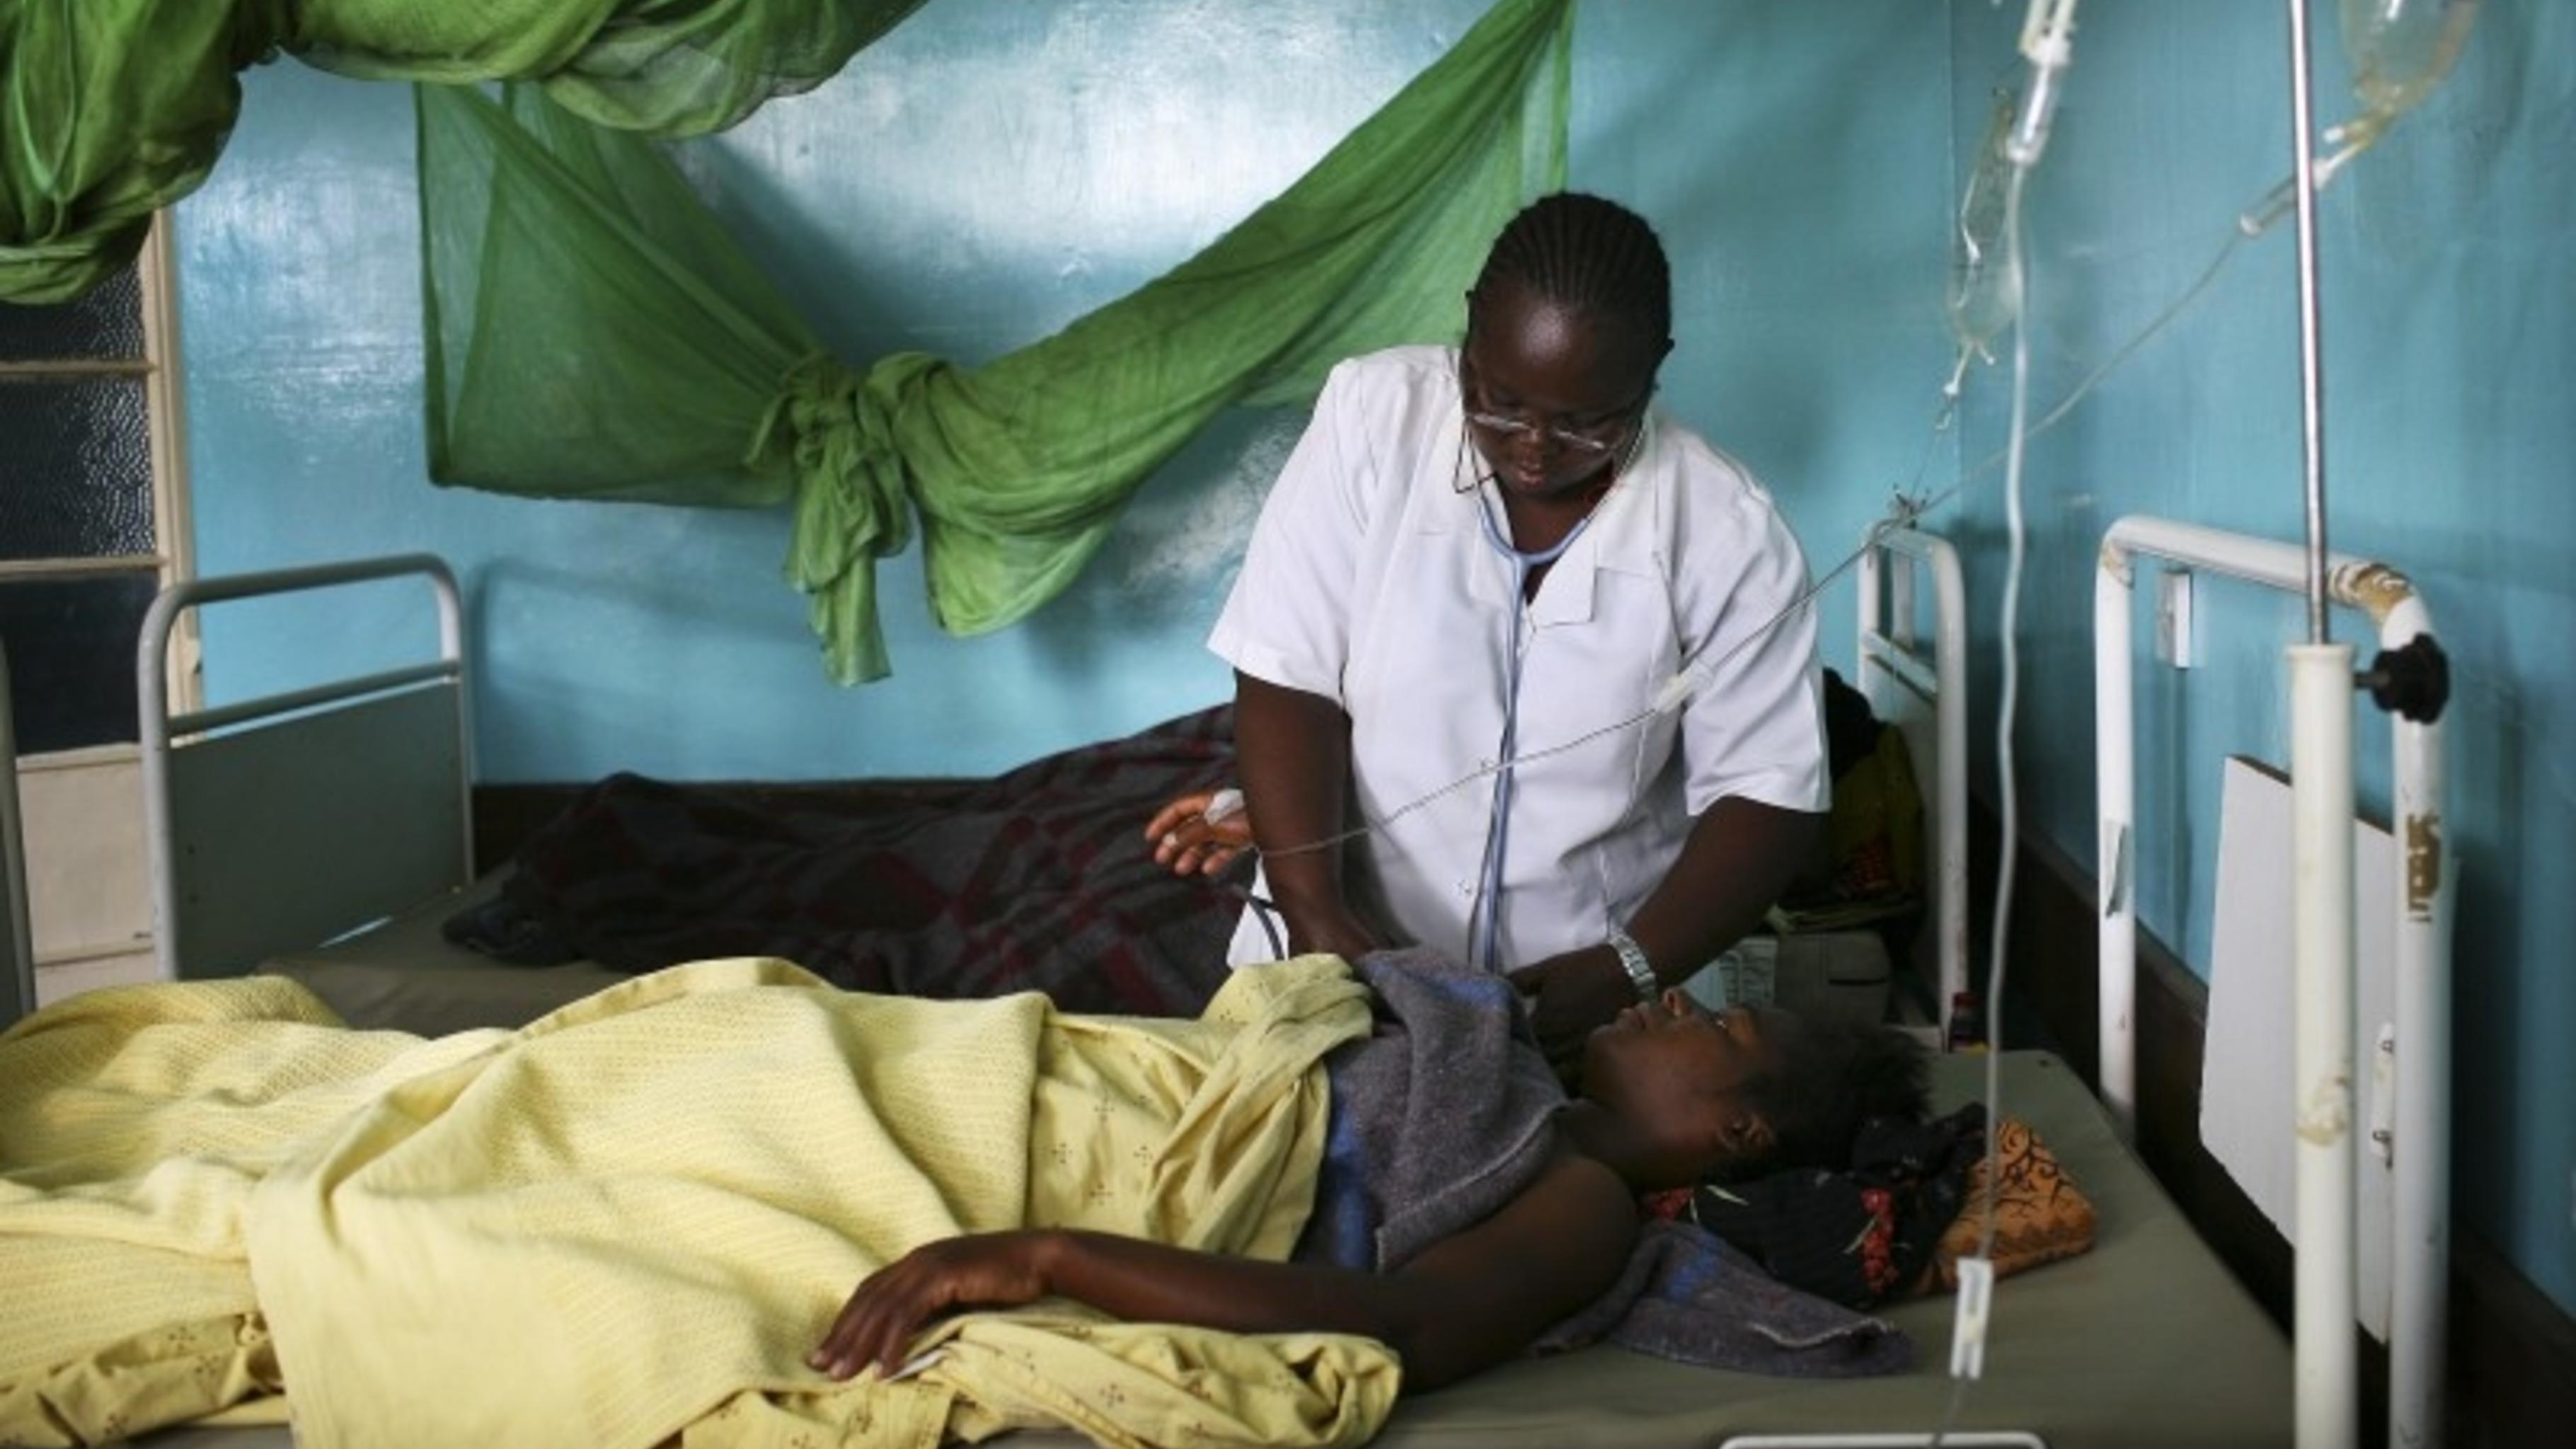 Foto: Krankenpflegerin mißt den Blutdruck einer Patientin